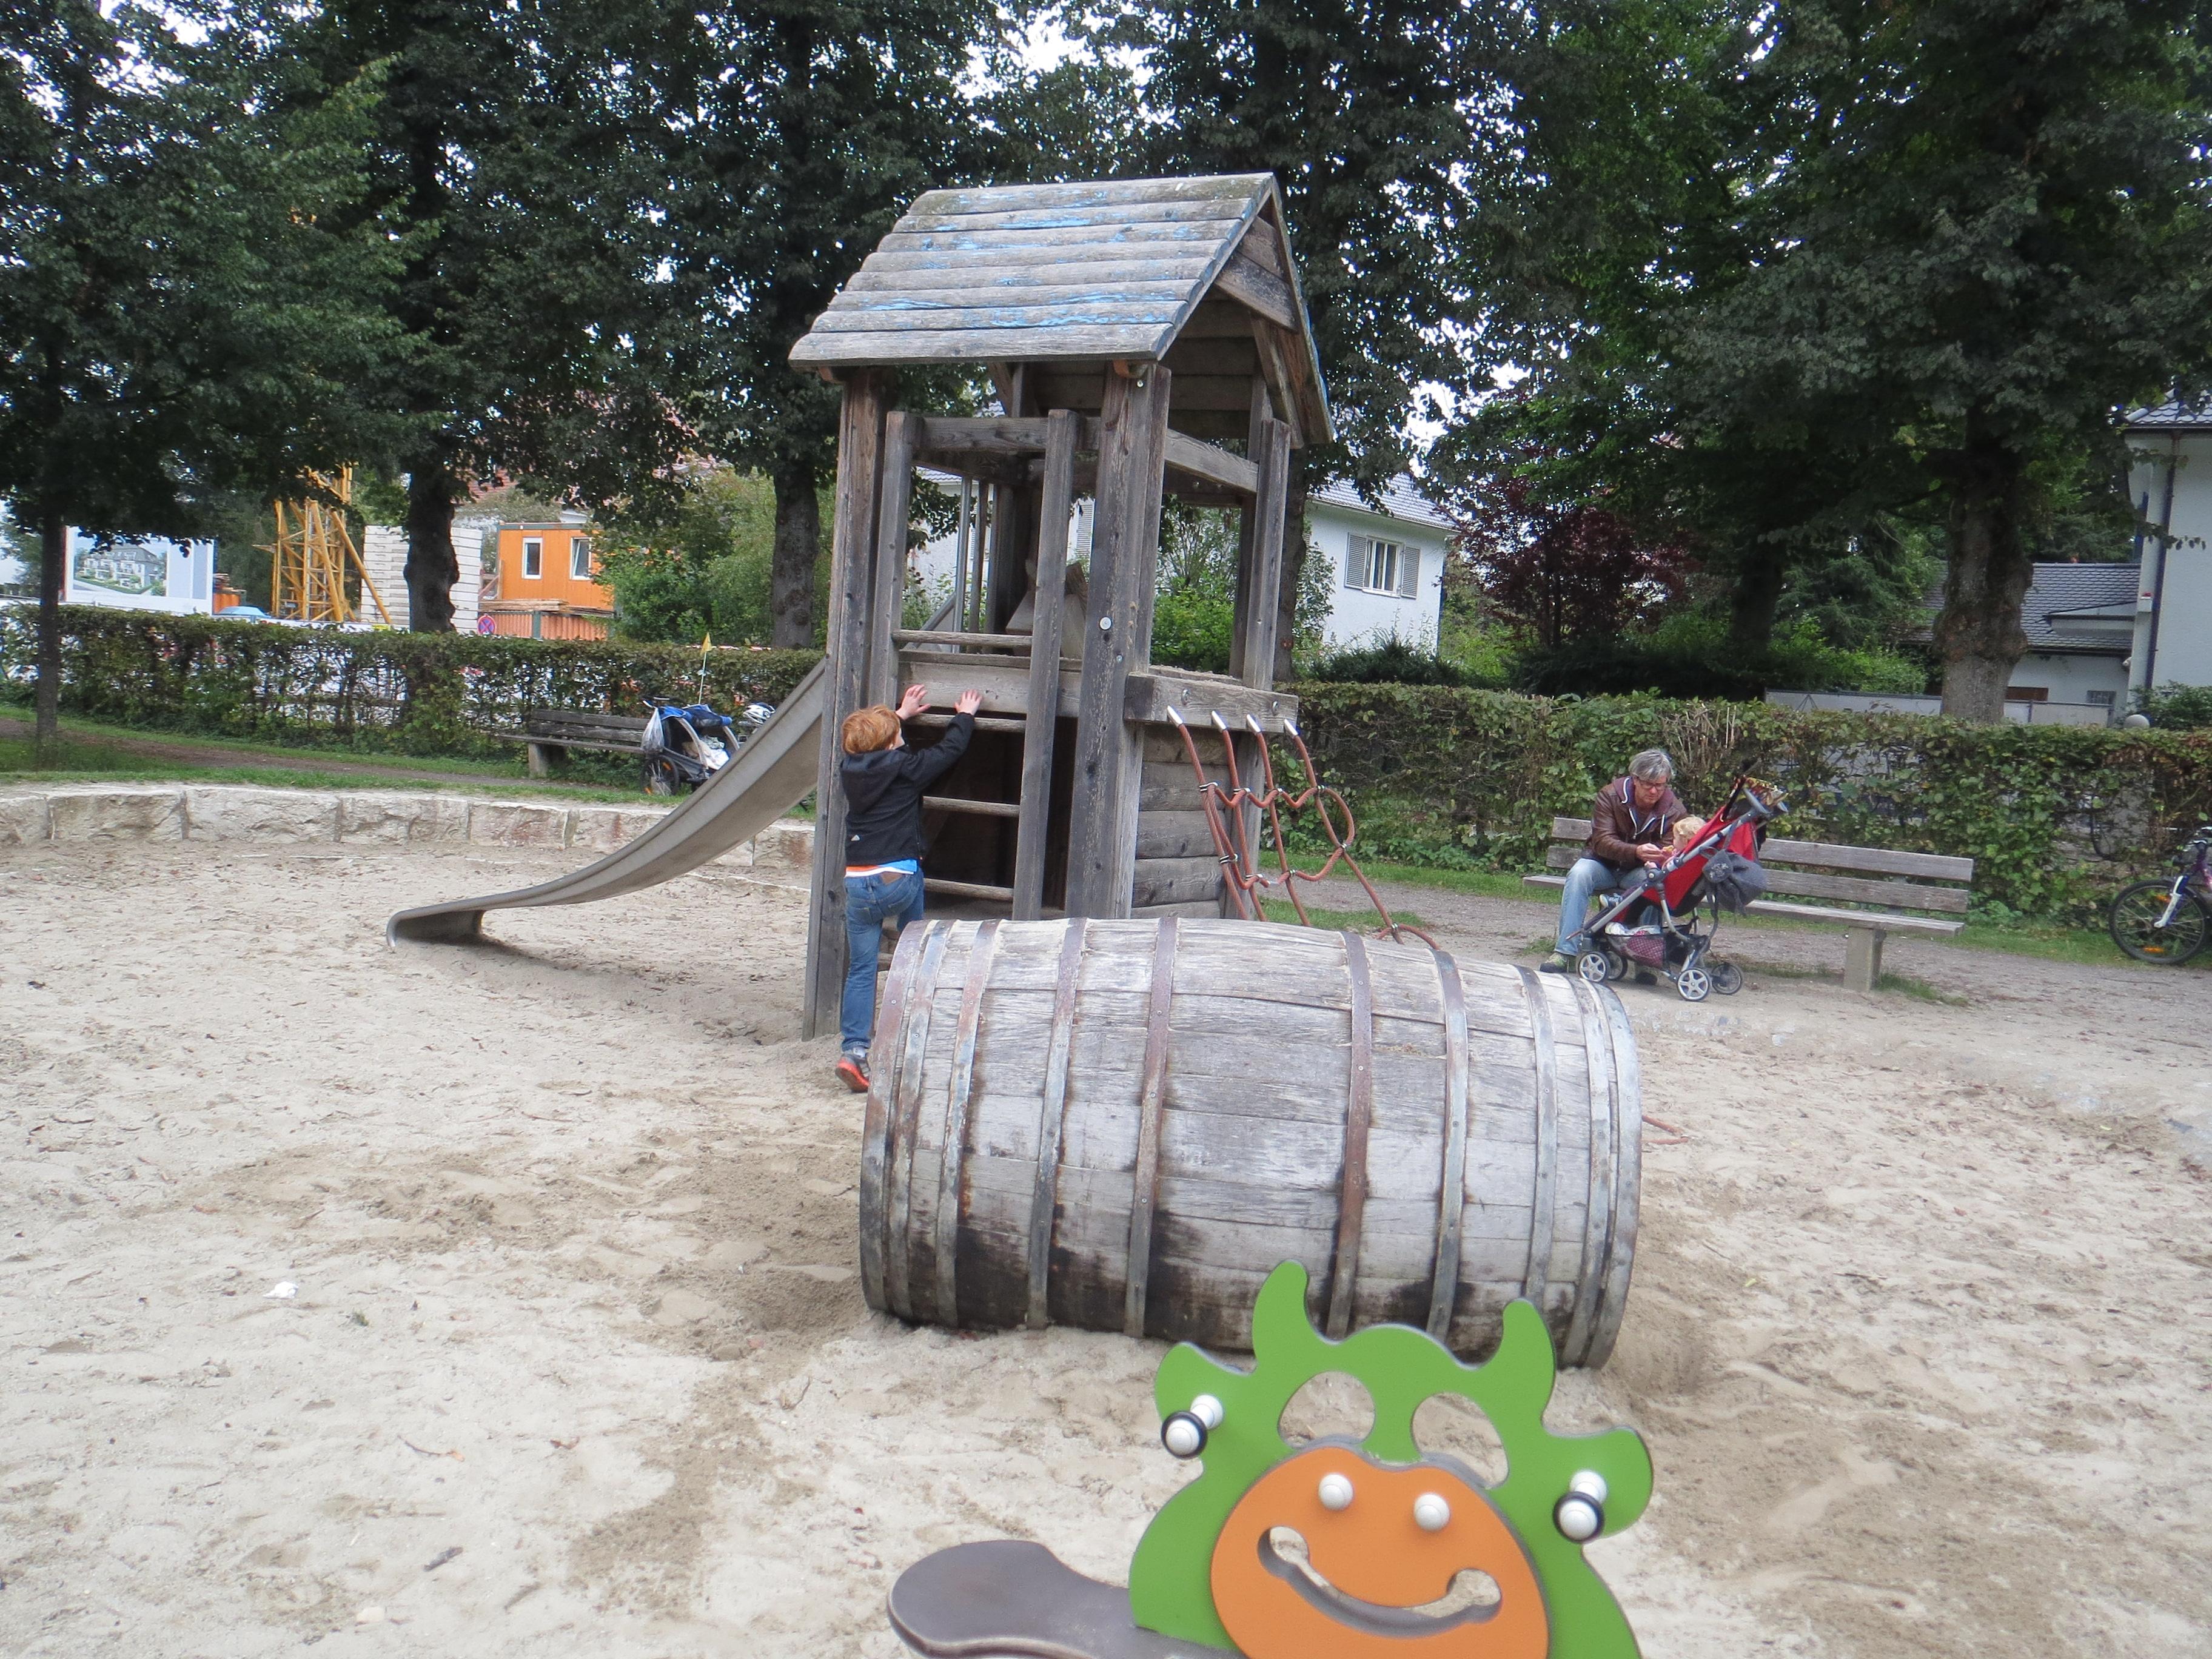 Spielplatz am Griechenplatz_KB (3)